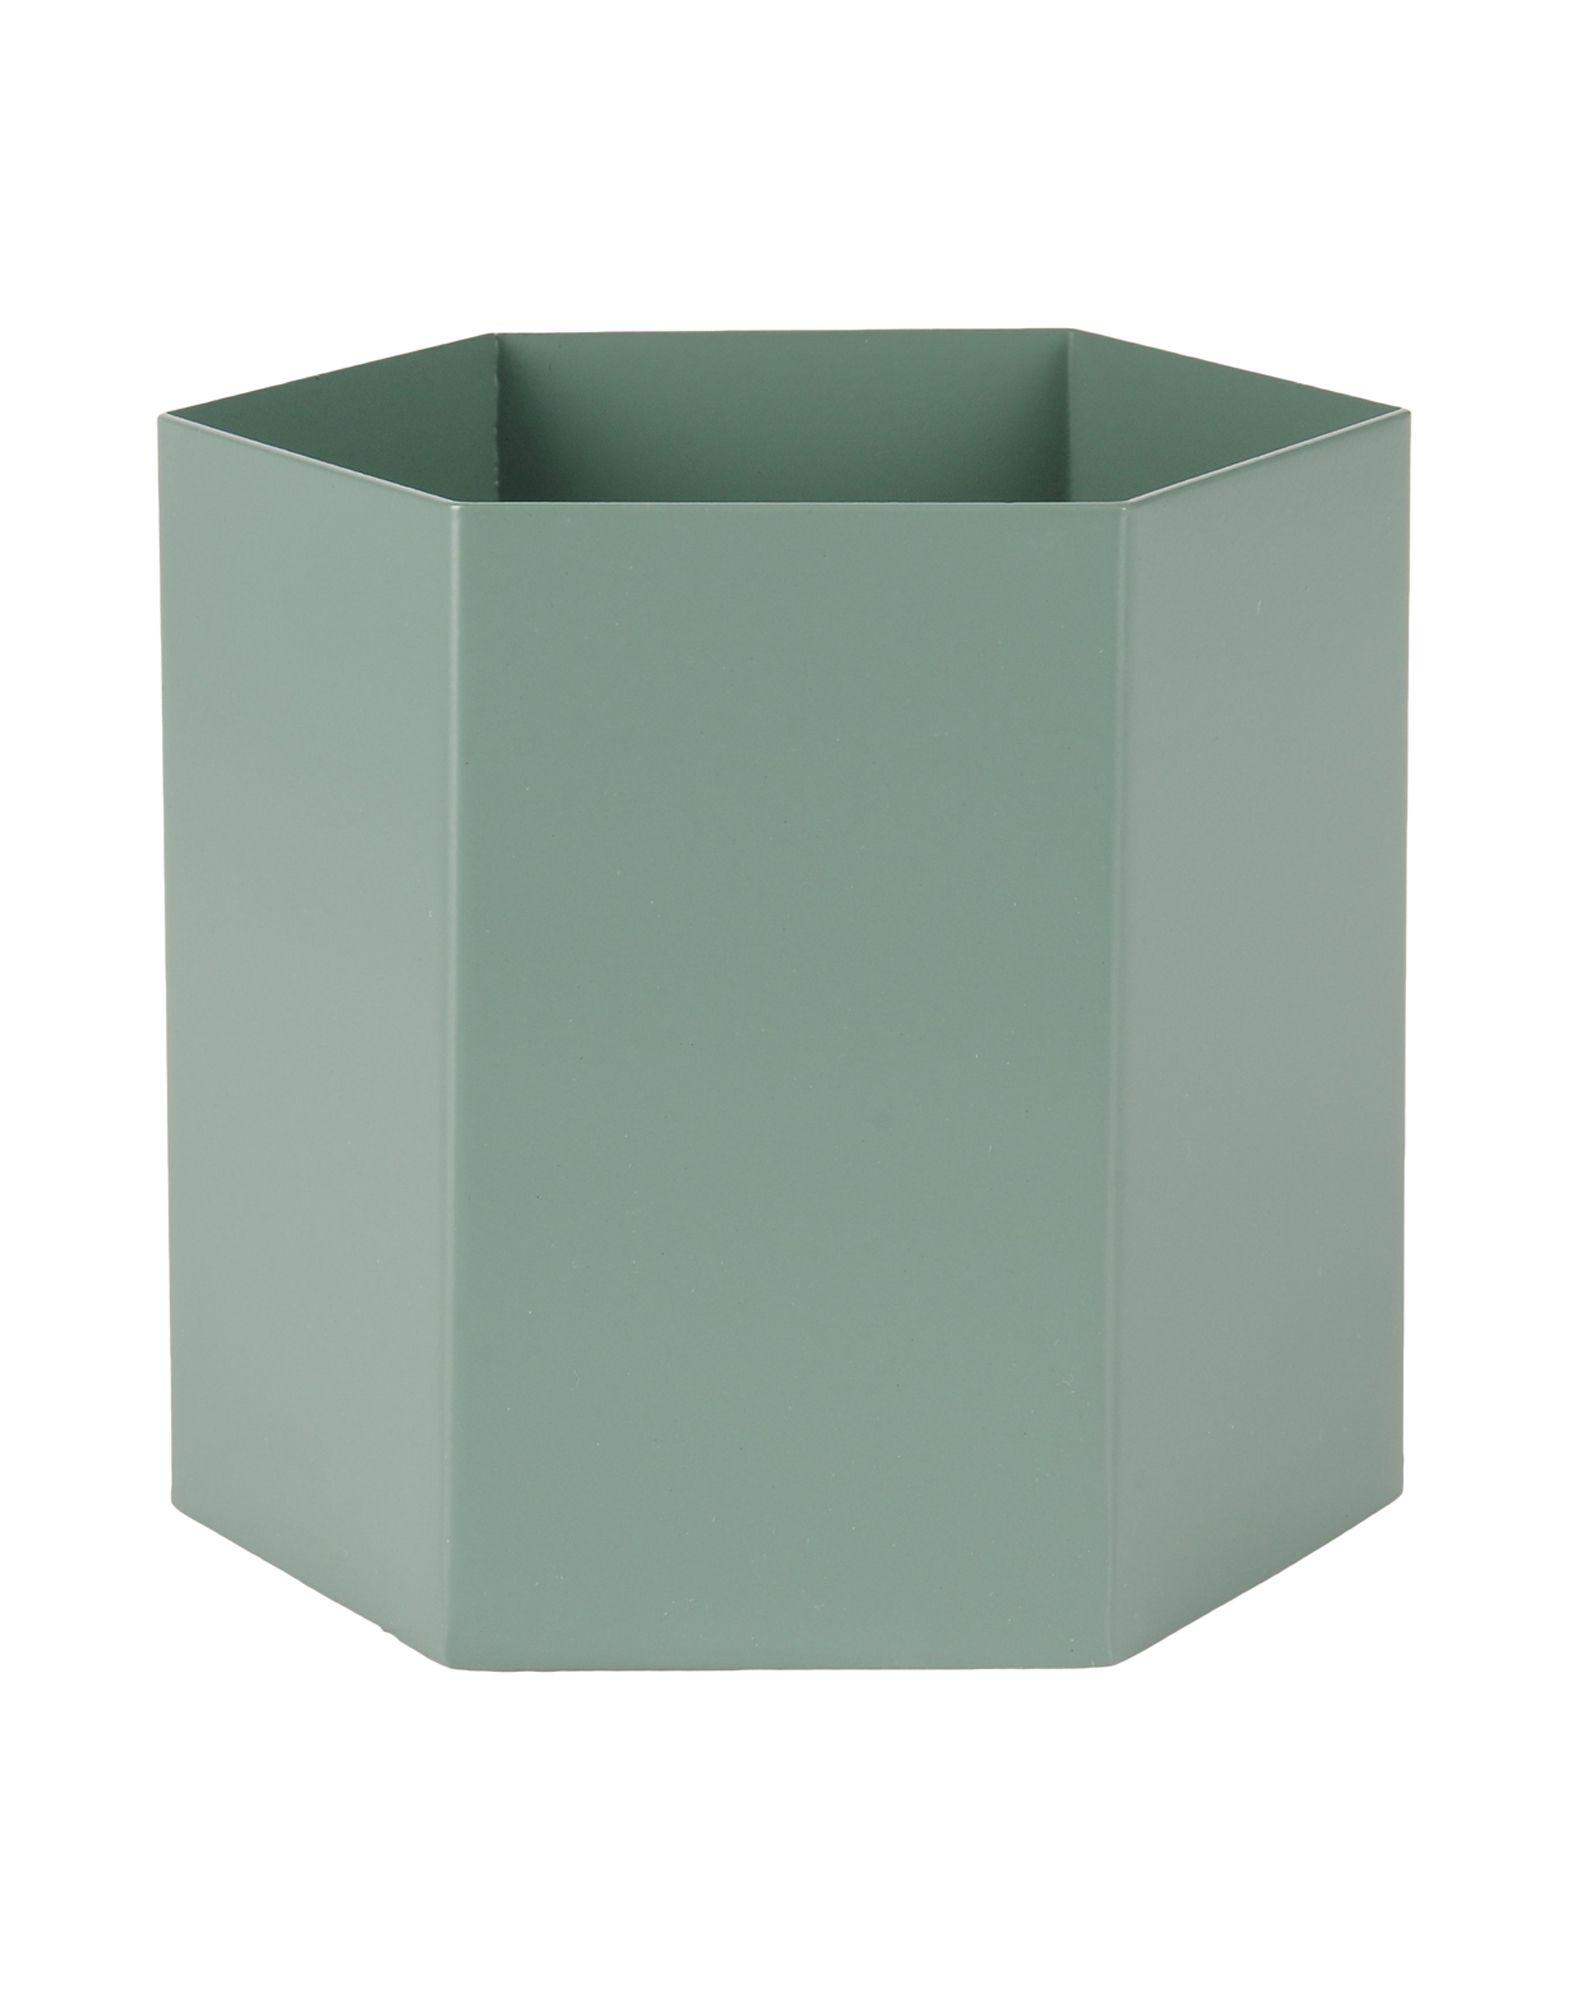 《送料無料》FERM LIVING Unisex ベース グリーン 金属繊維 Hexagon